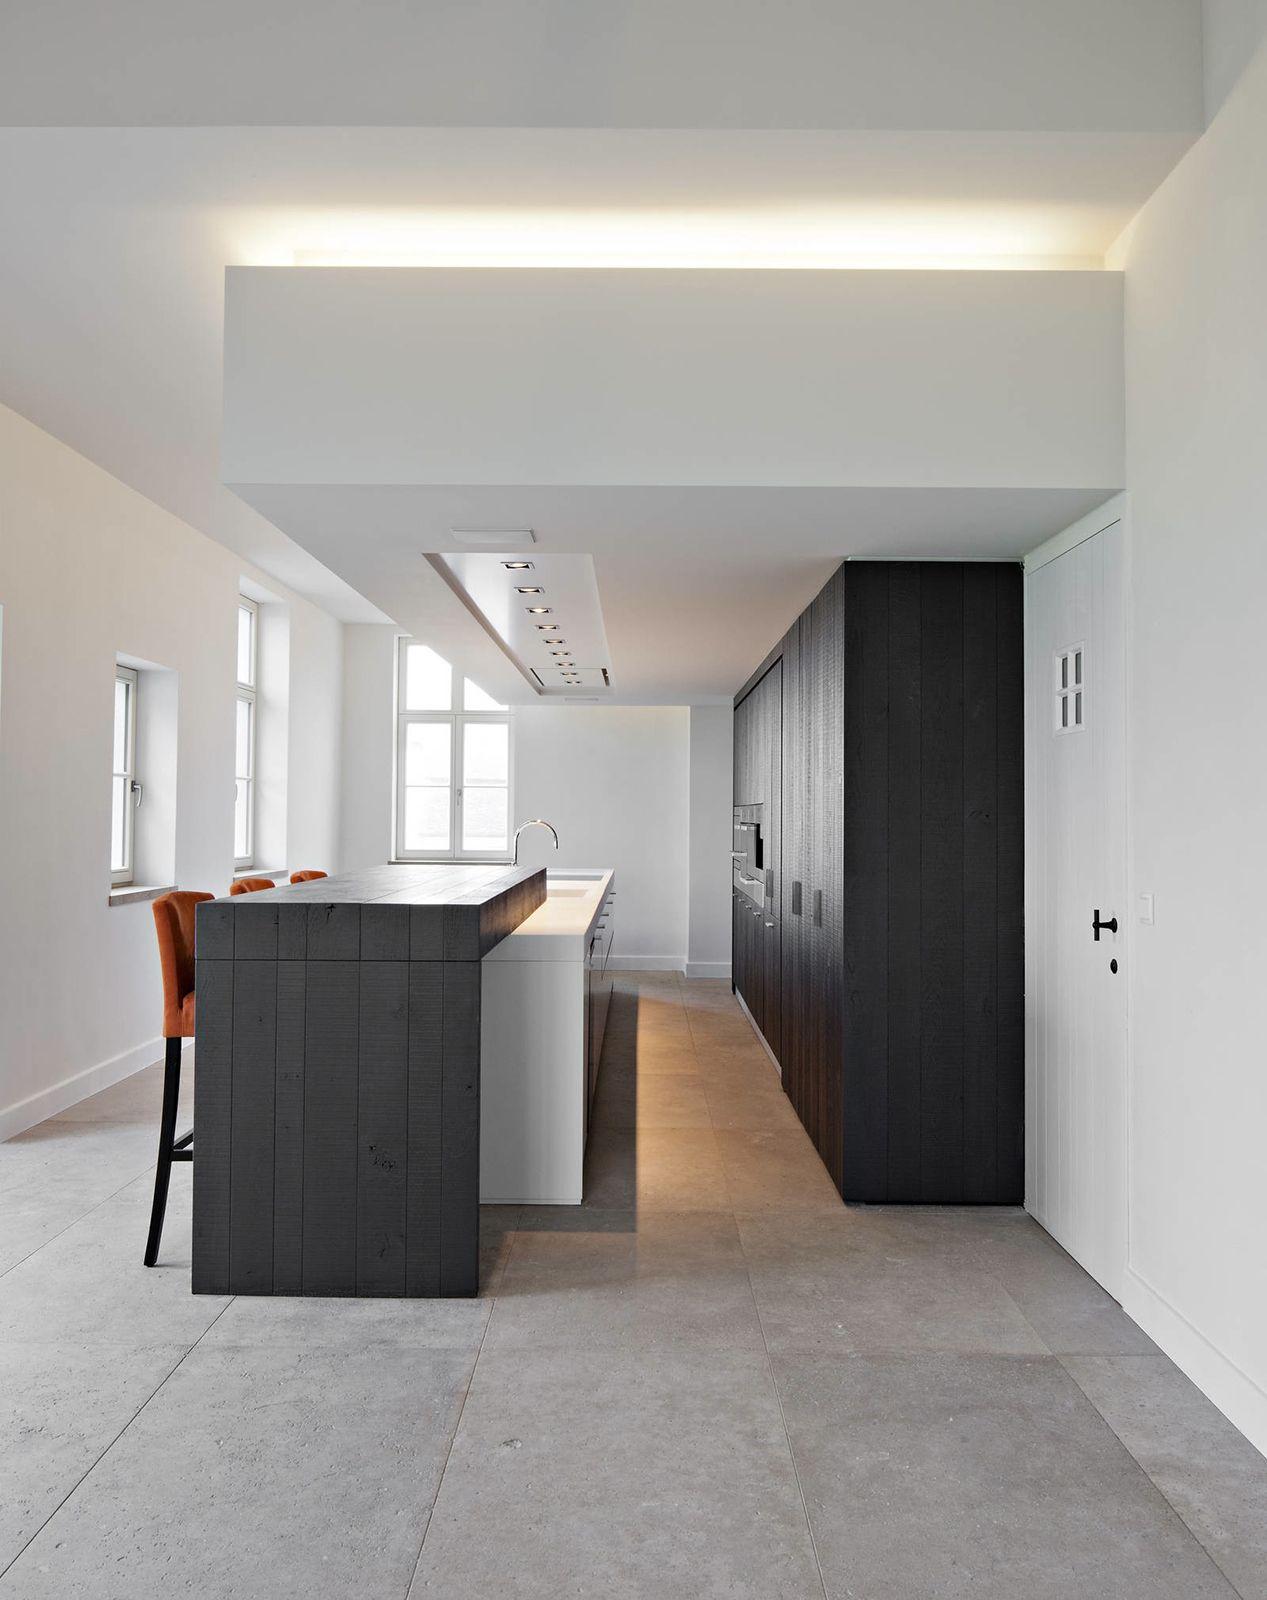 Antike #Kalkstein – Opkamer antike #Bodenplatten - Französisch ...